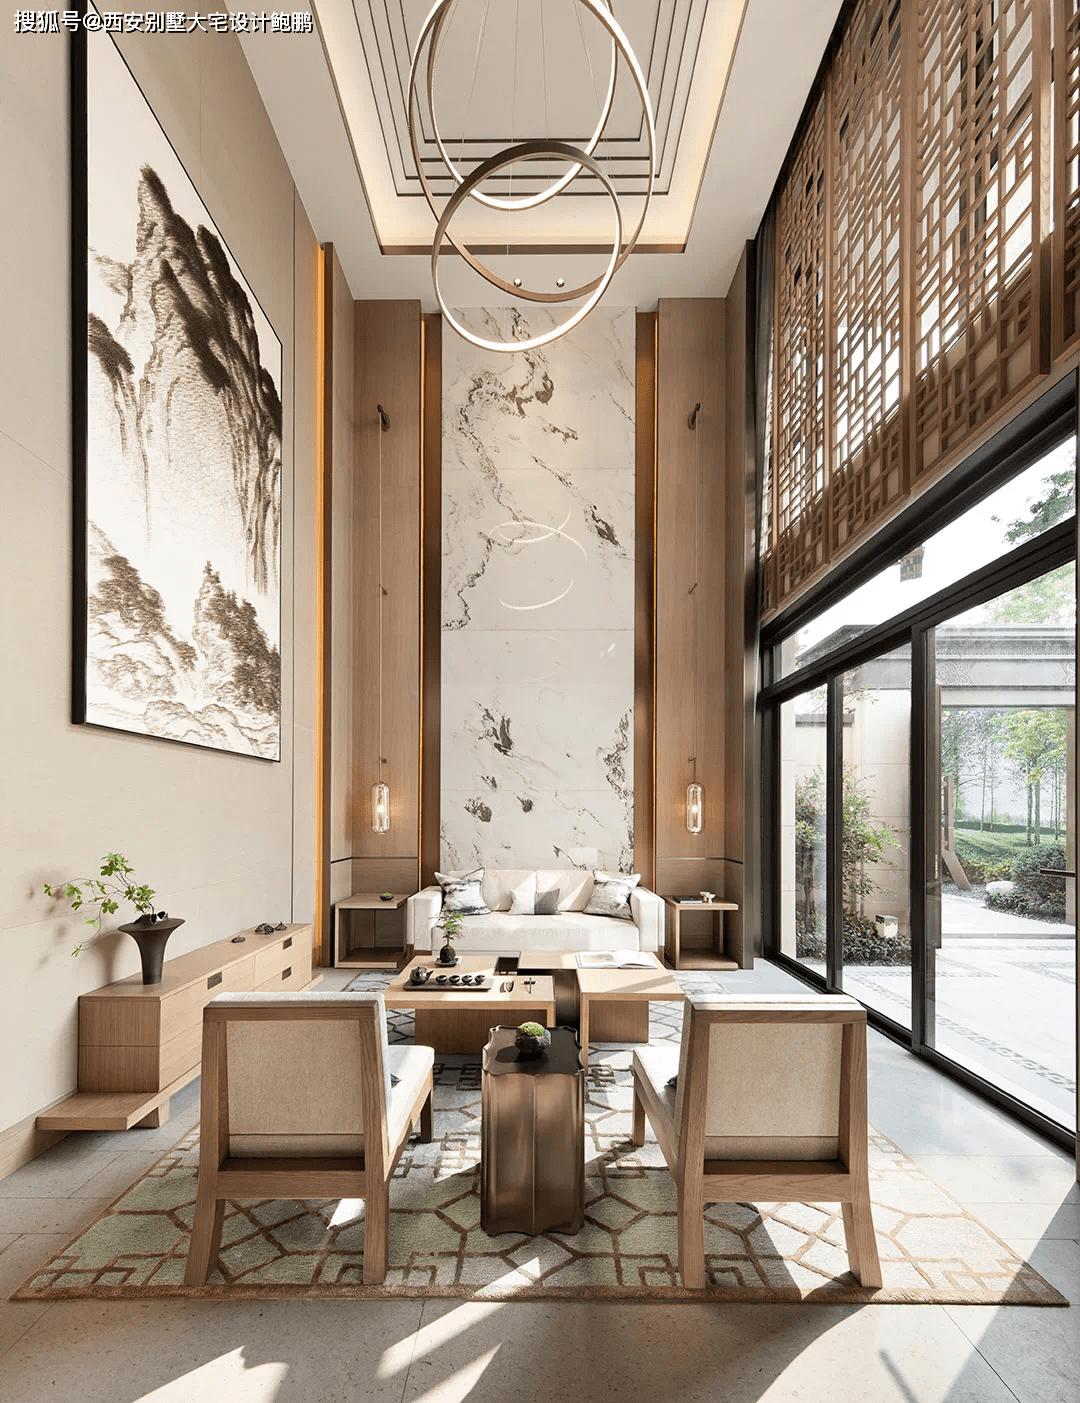 西安别墅大宅设计:新中式诗性东方,设计从建筑、景观概念切入。